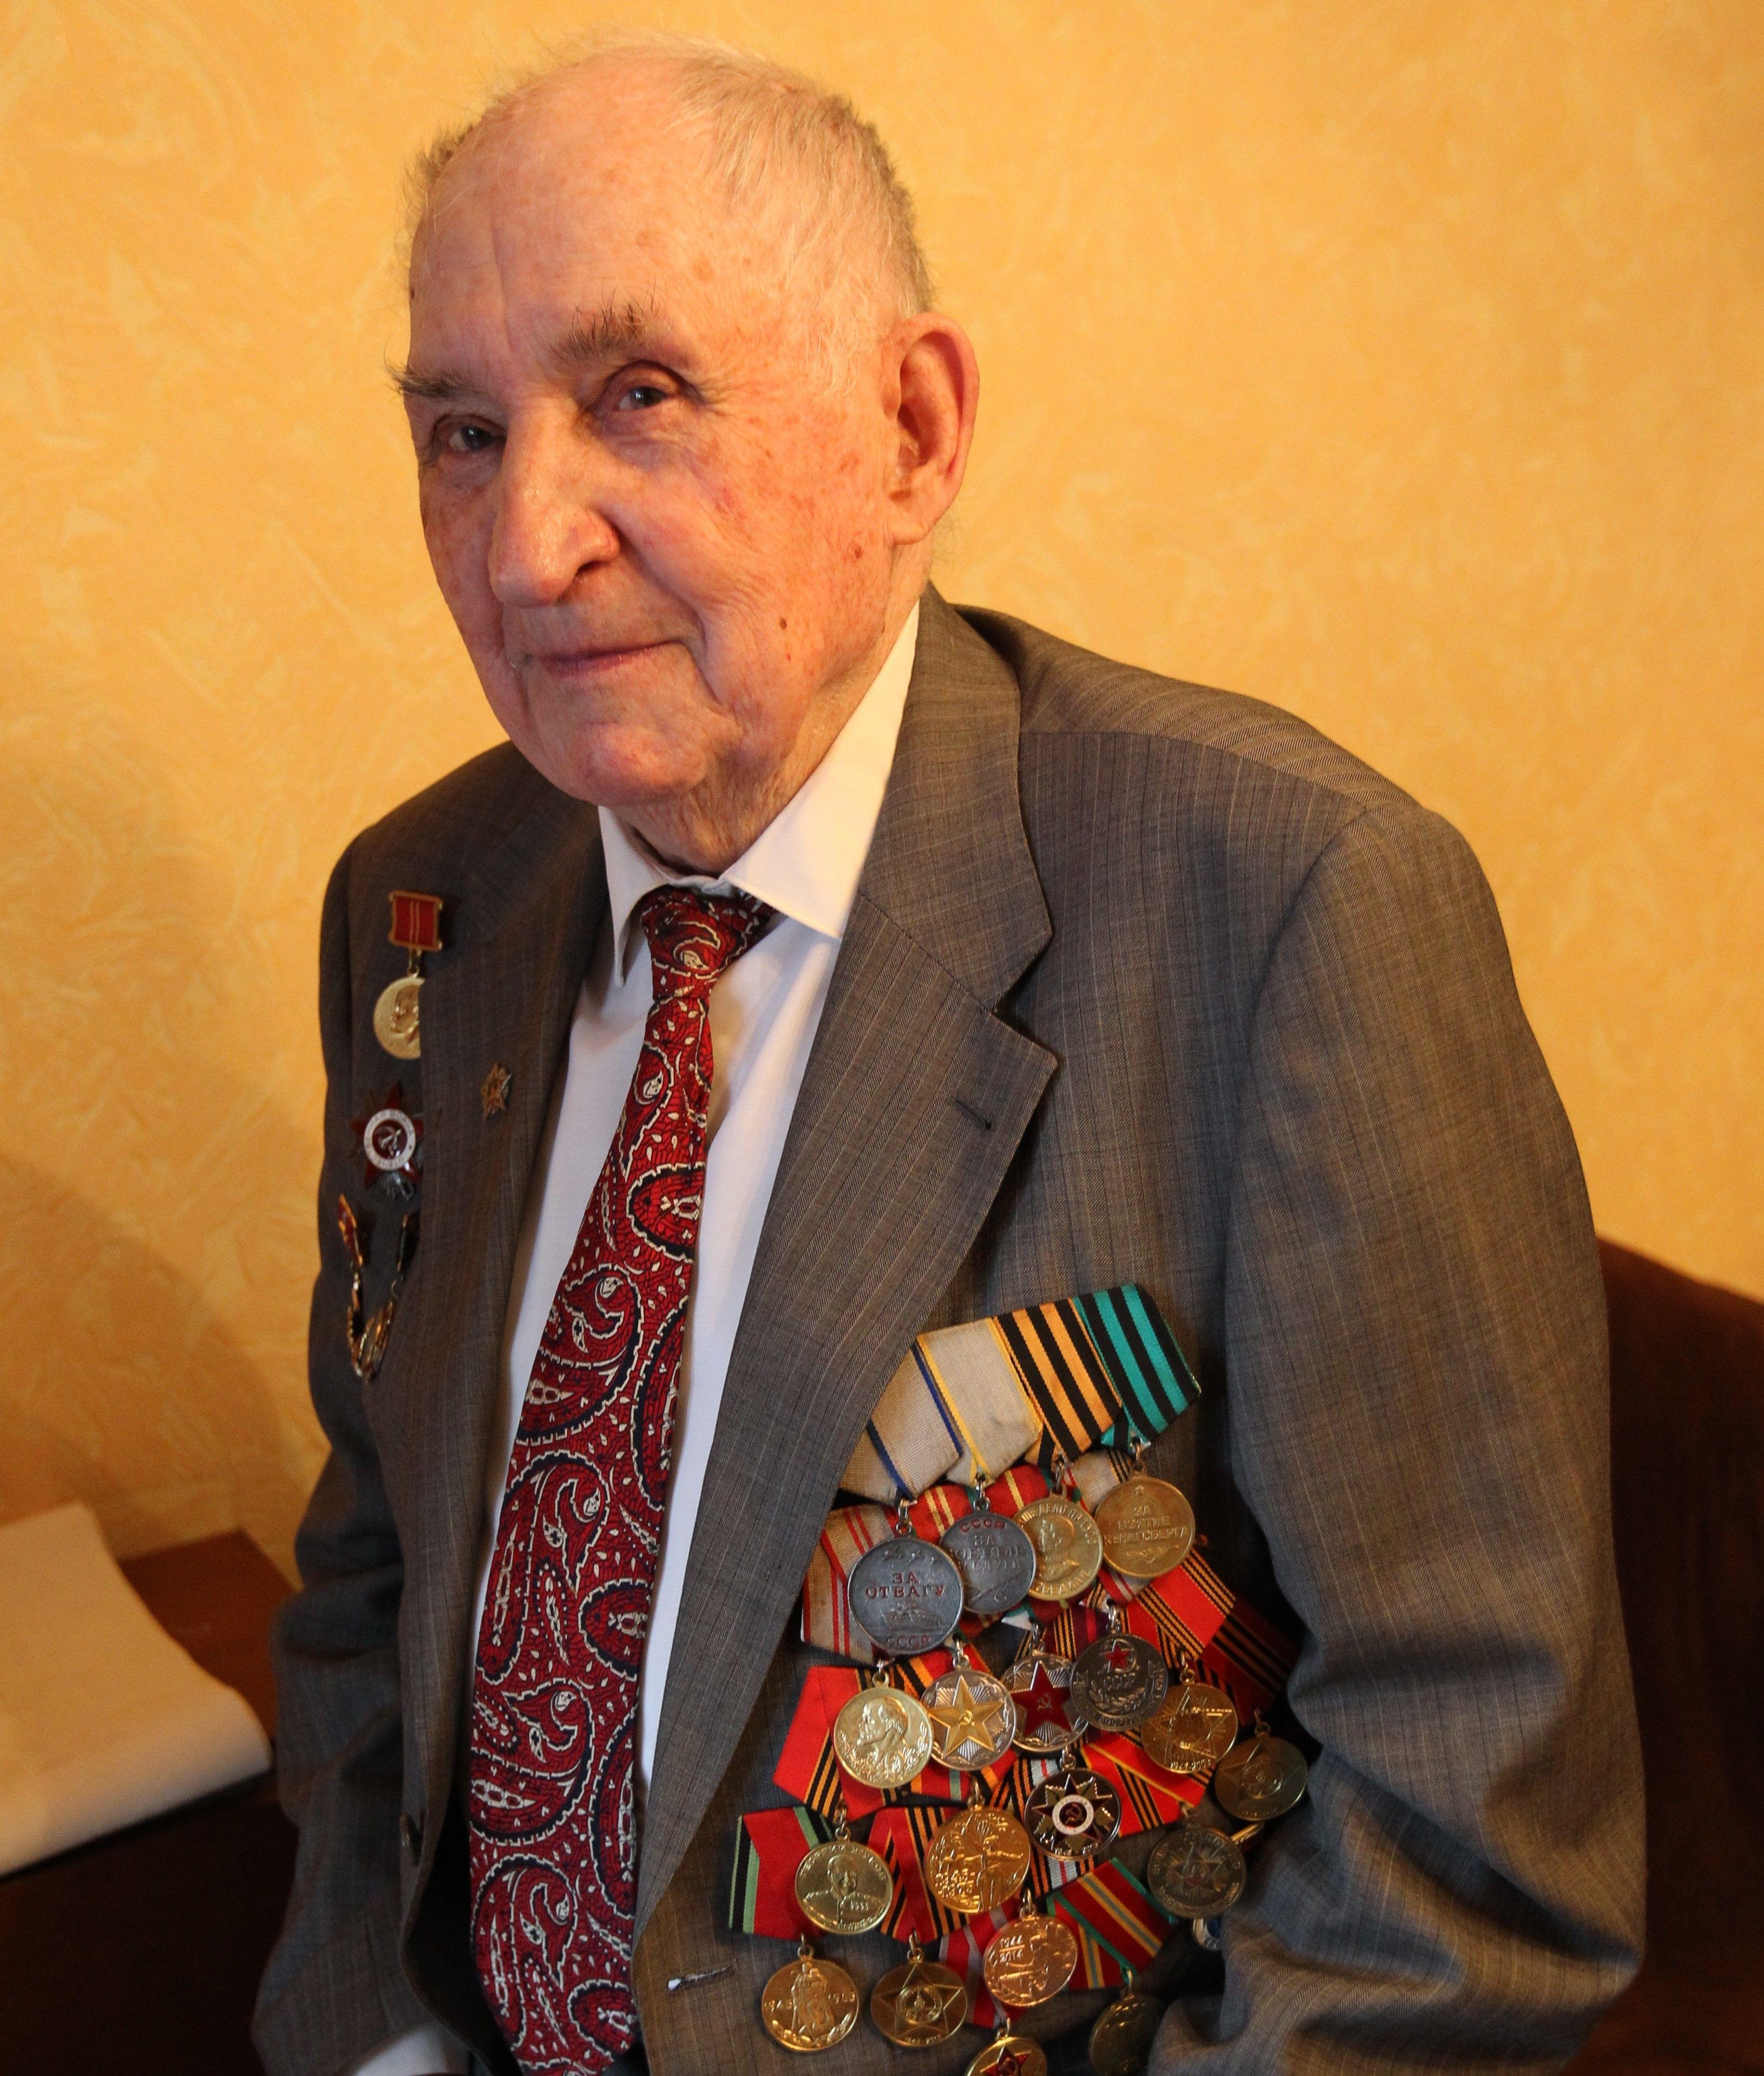 Ветеран Сергей Михайлович Разинков. Фото: Владимир Смоляков